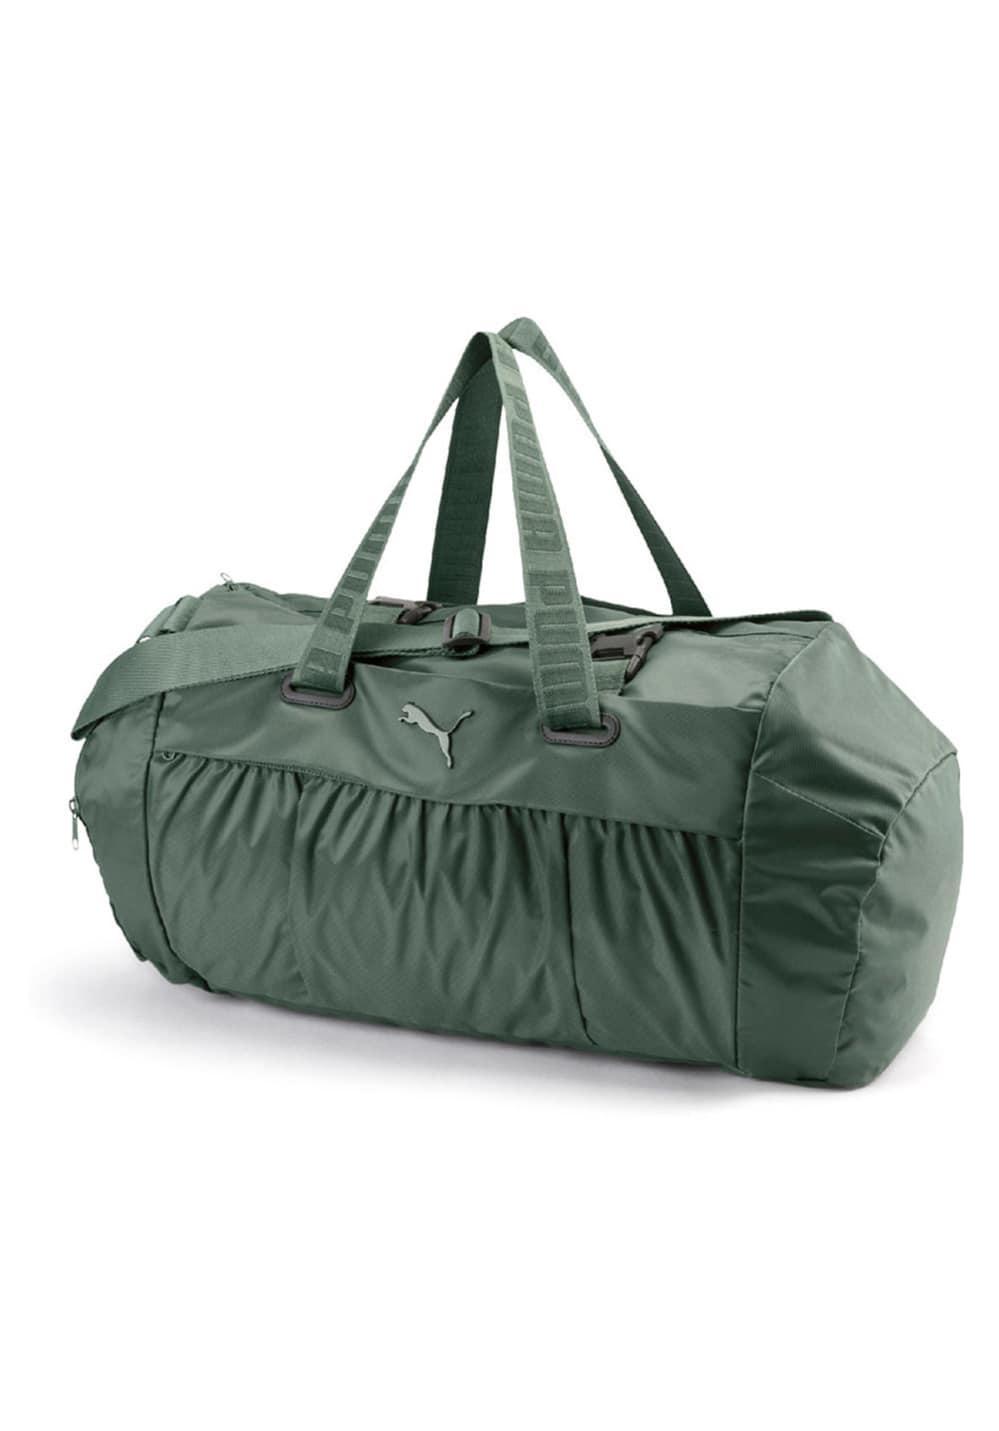 Puma At Sports Duffle - Sporttaschen für Damen - Grün, Gr. One Size